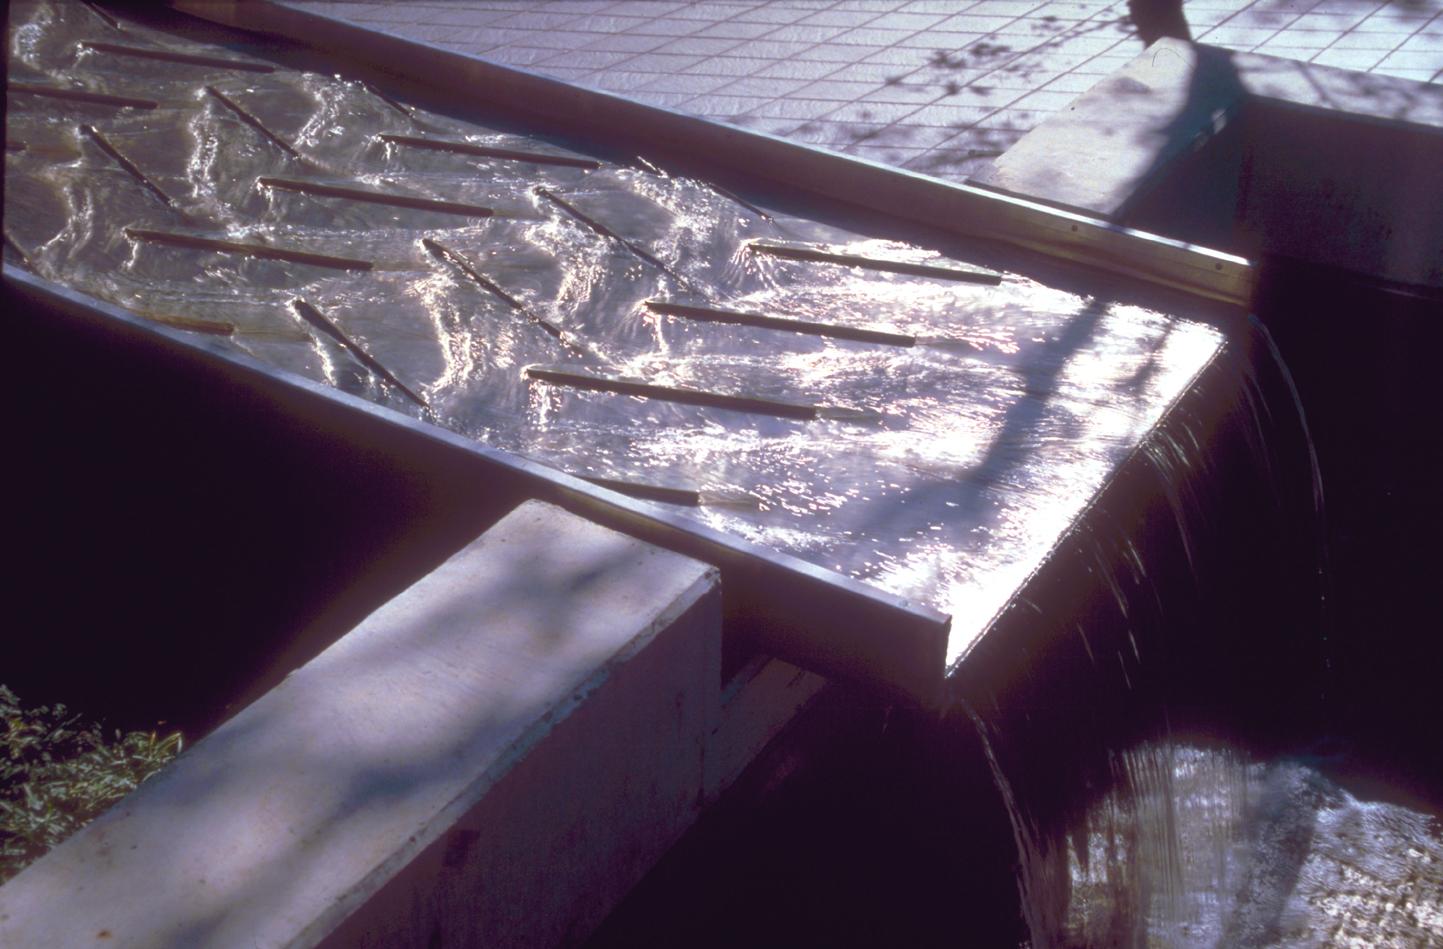 BA_ntt_photo water pattern1.jpg